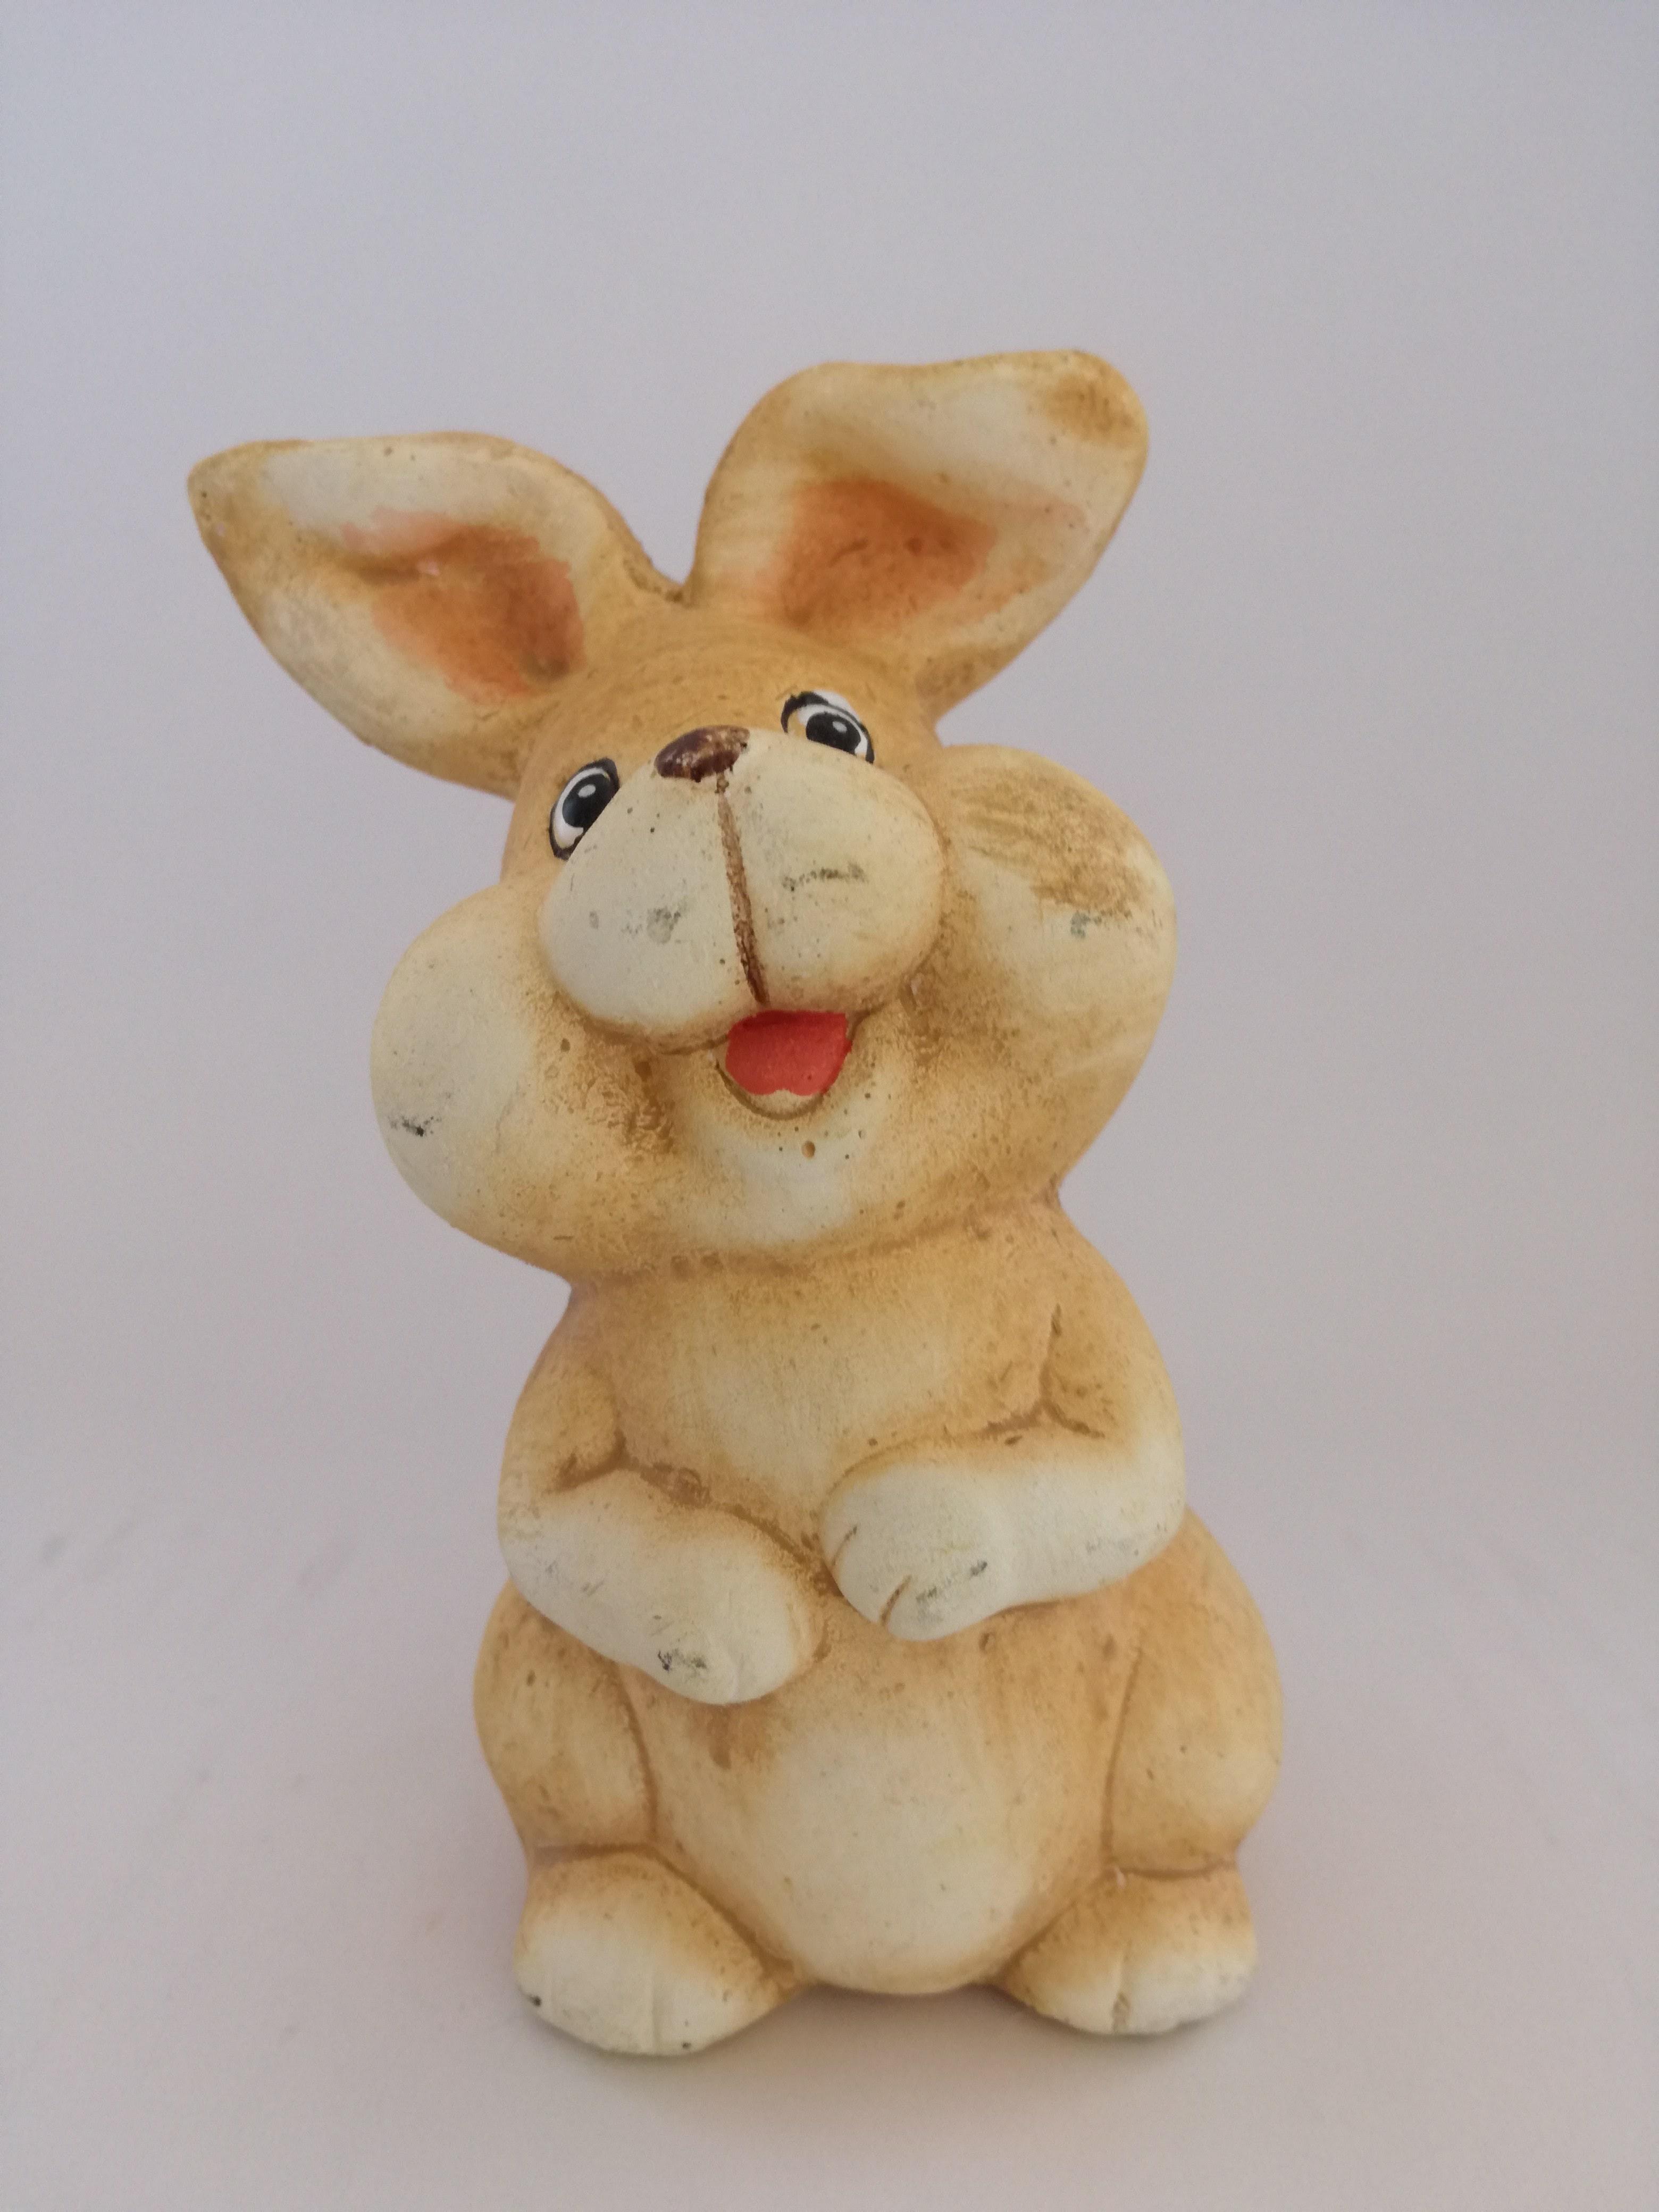 lapin jaune.jpg Télécharger fichier STL gratuit Petit lapin jaune • Objet pour imprimante 3D, Pegazepi